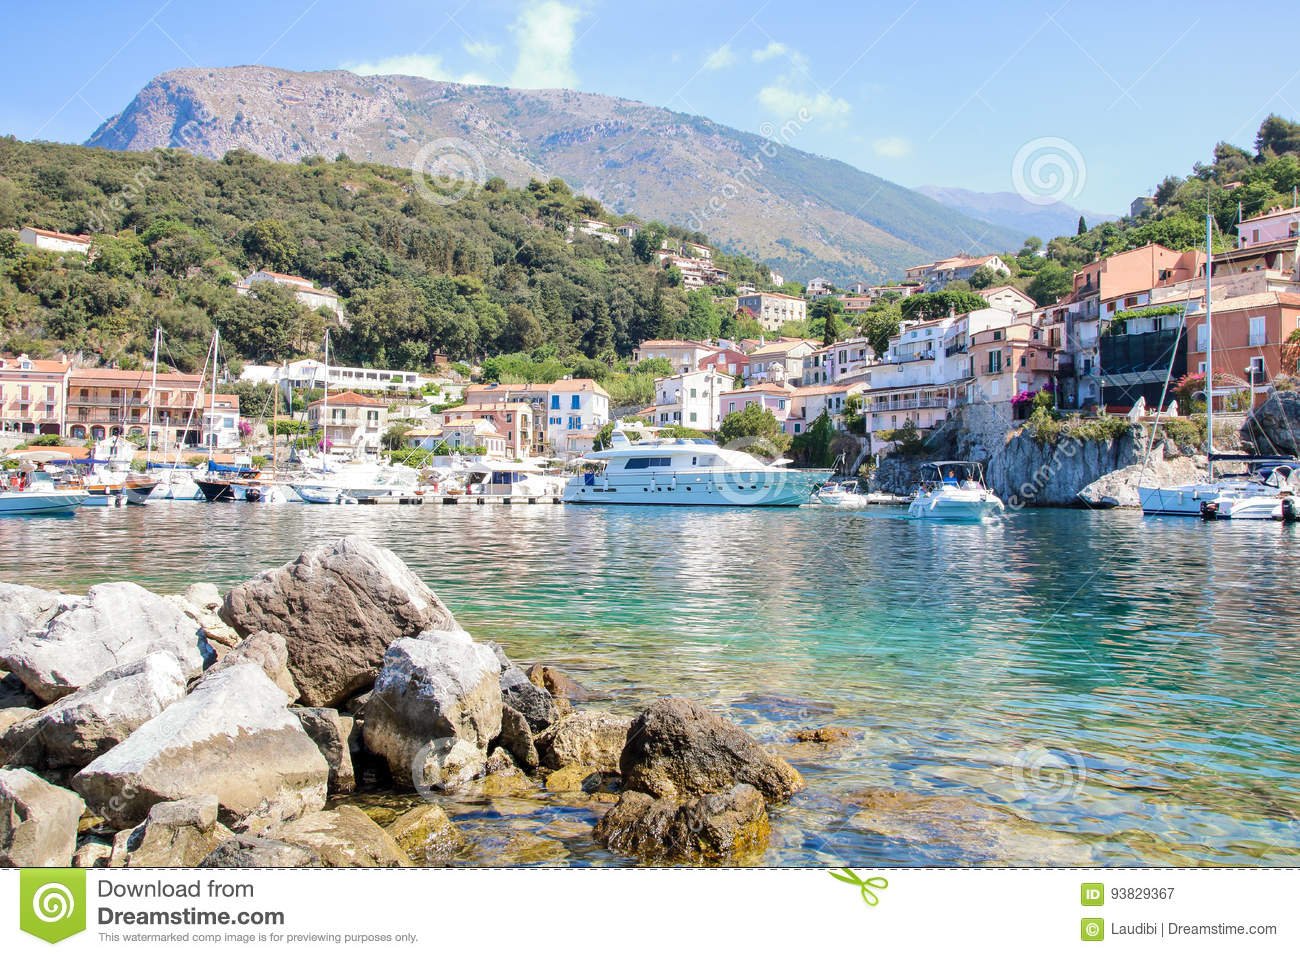 il-poco-porto-di-maratea-93829367.jpg